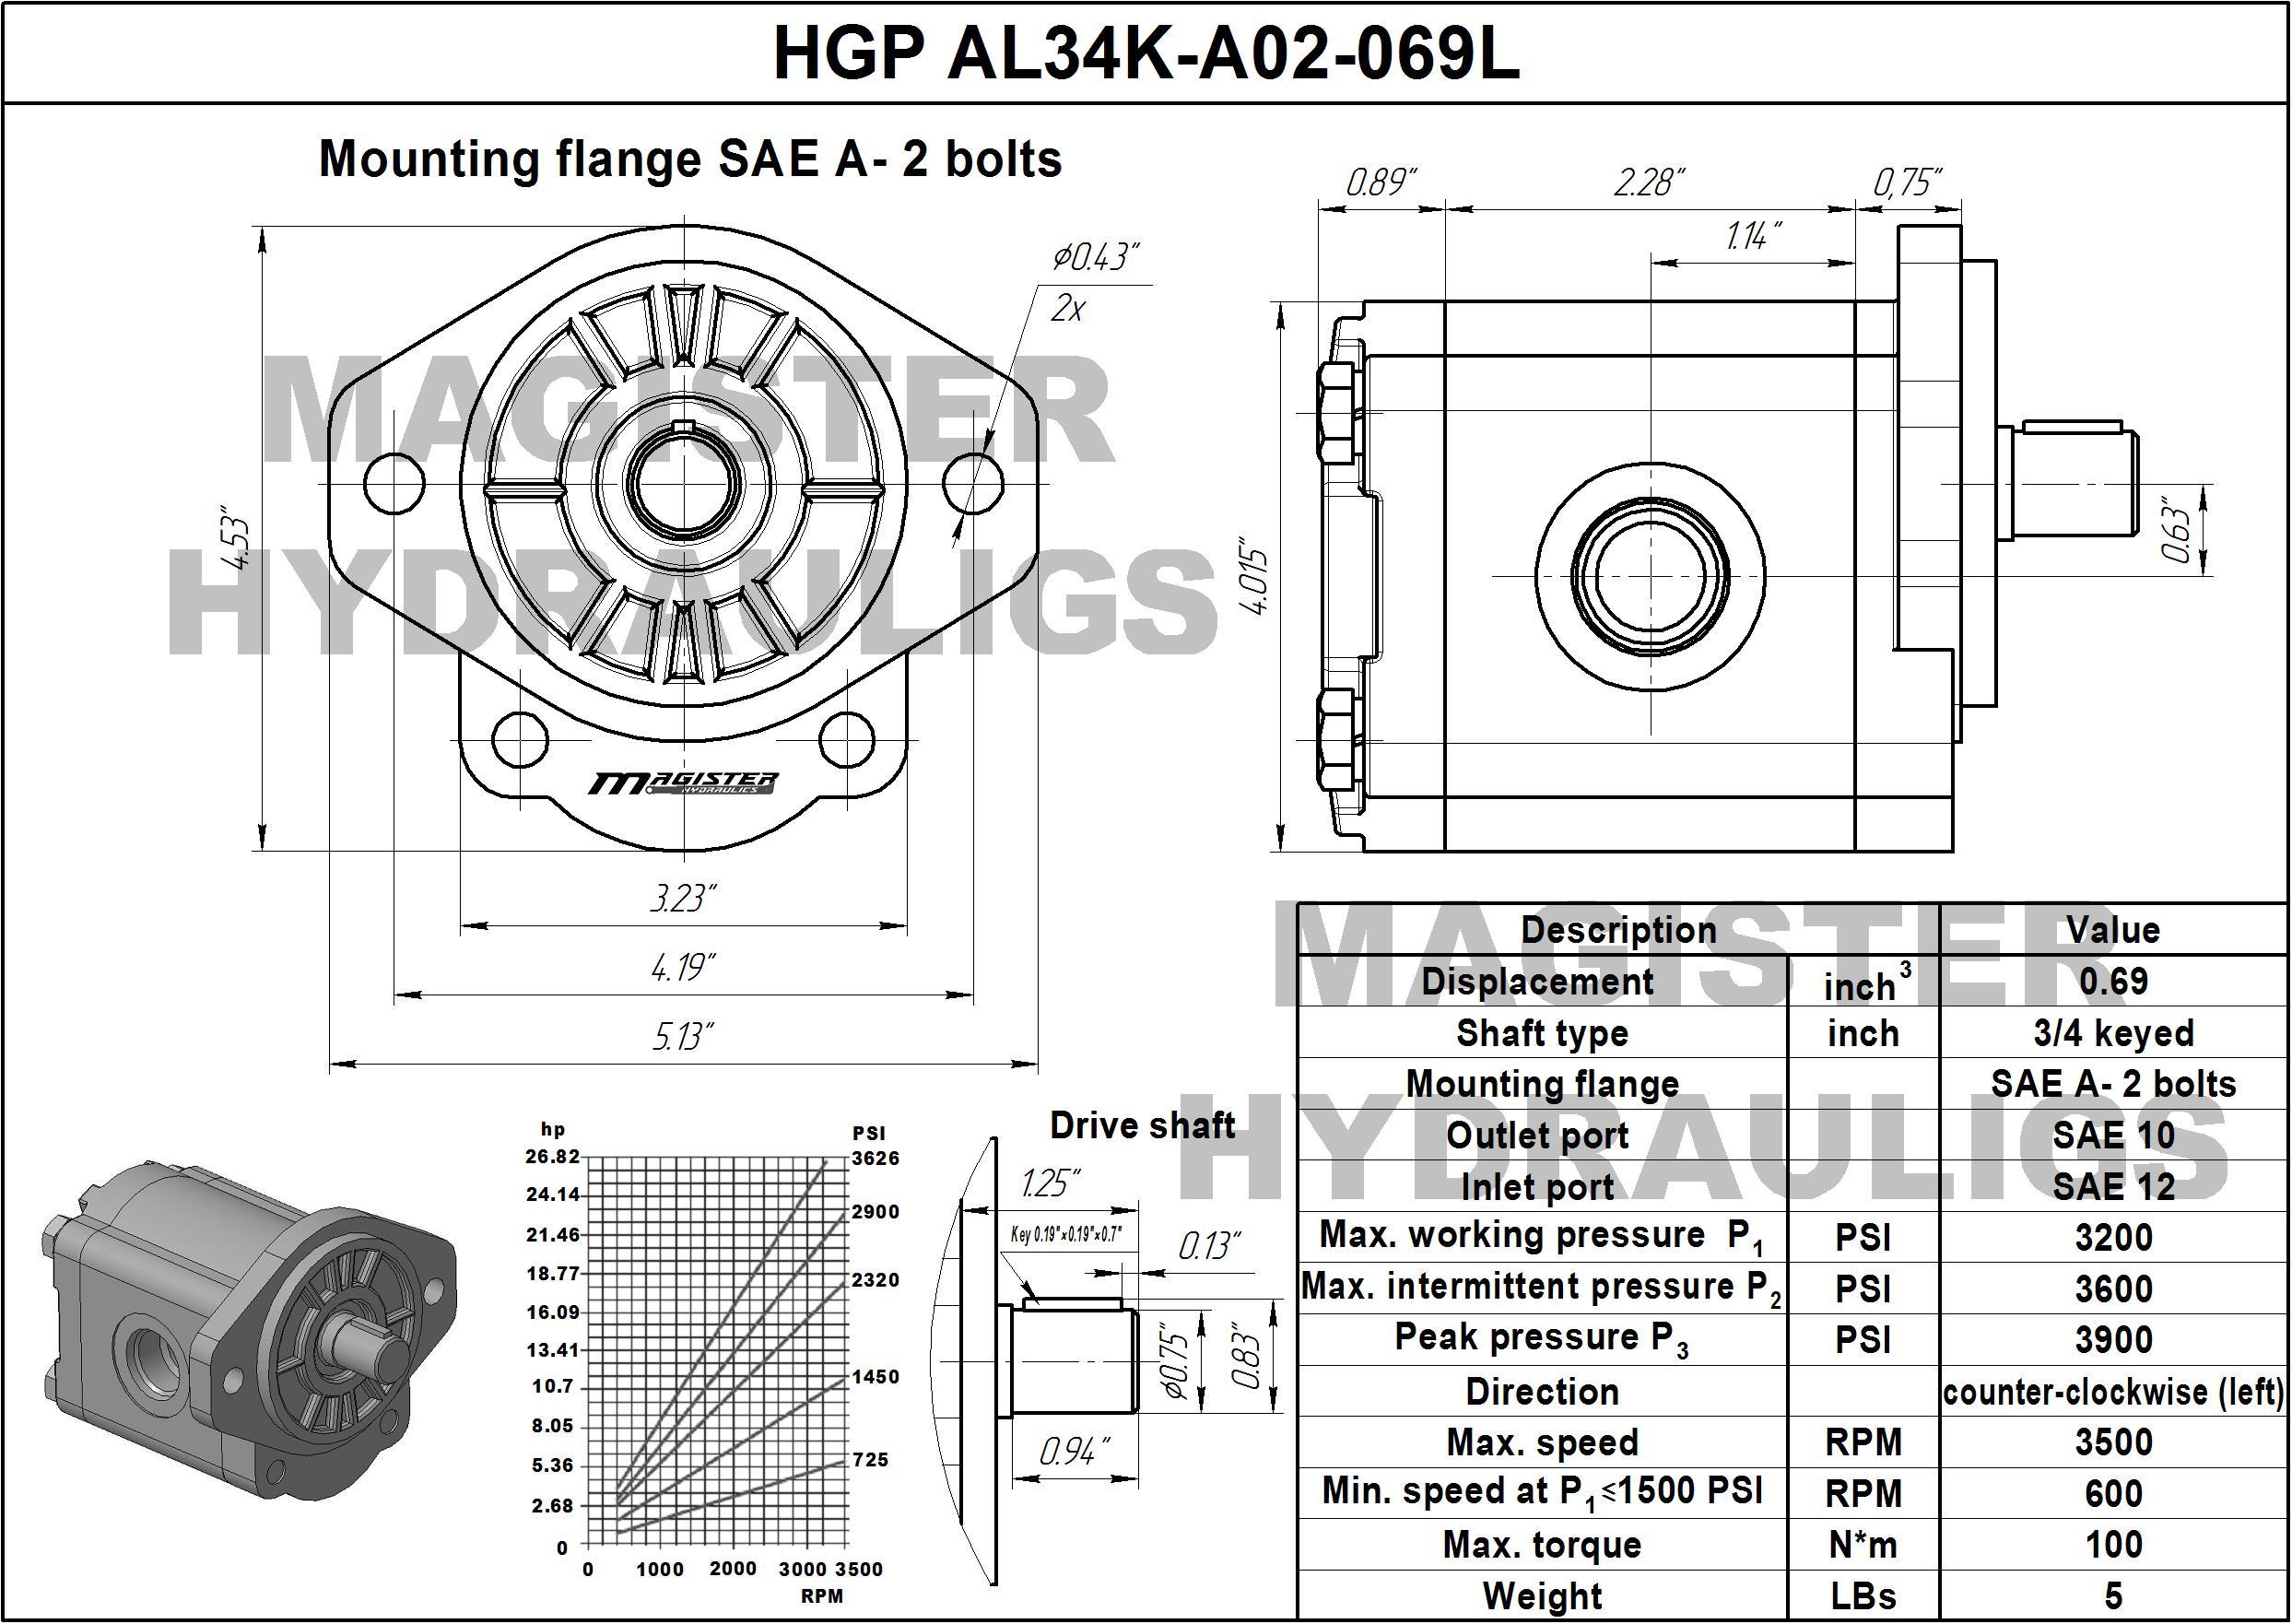 0.69 CID hydraulic gear pump, 3/4 keyed shaft counter-clockwise gear pump   Magister Hydraulics